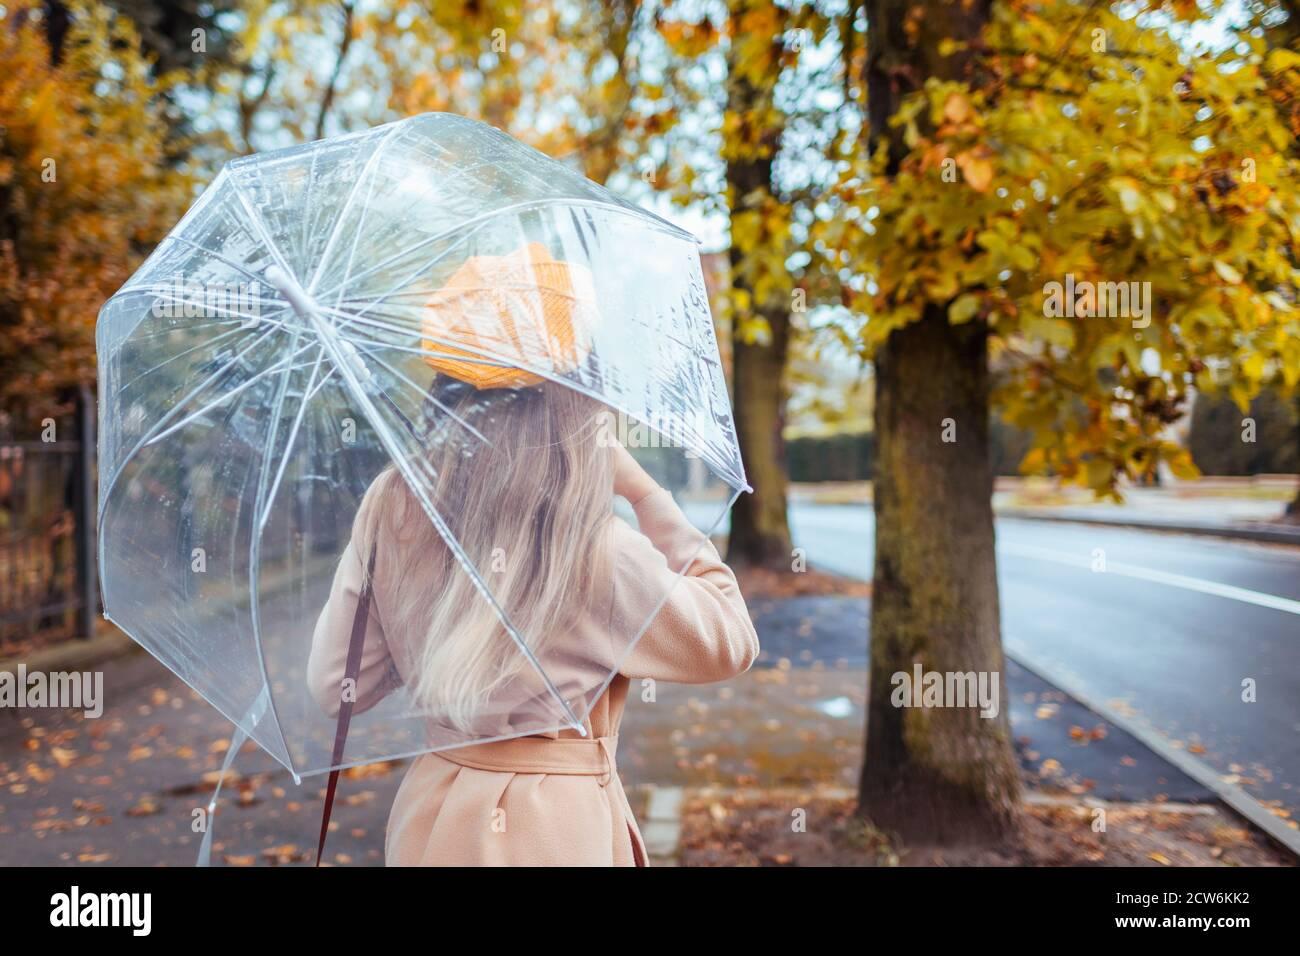 Une femme à la mode en vêtements d'automne marche à l'extérieur sous un parapluie transparent sous la pluie. Météo d'automne. Banque D'Images